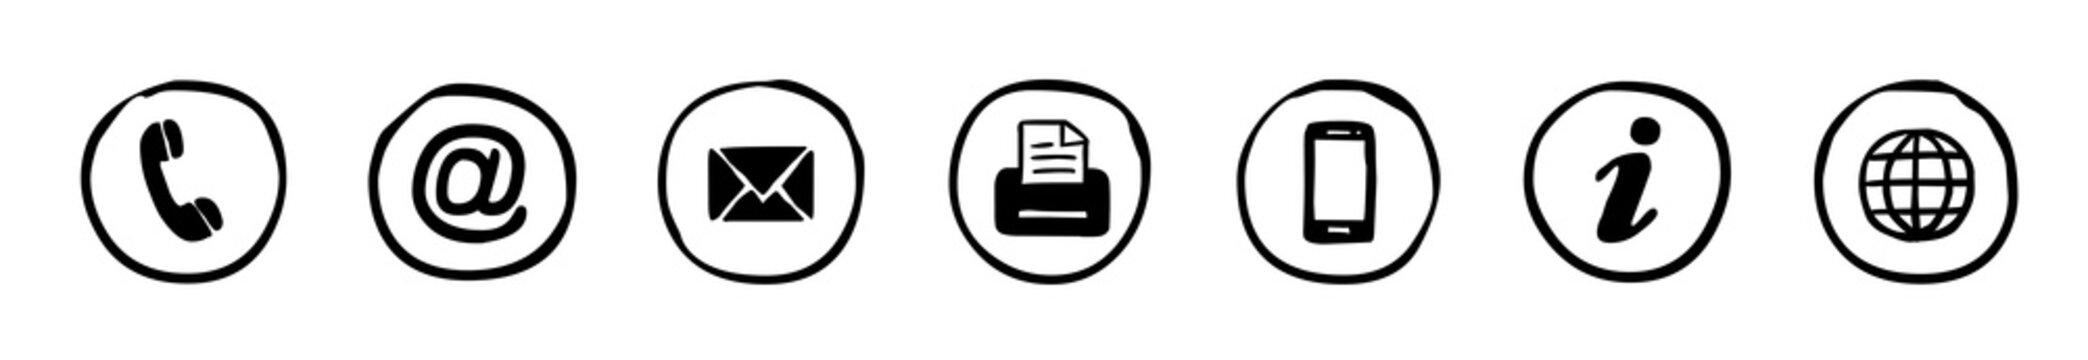 Handgezeichnete, runde Kontakt-Icons / schwarz-weiß, Vektor, freigestellt